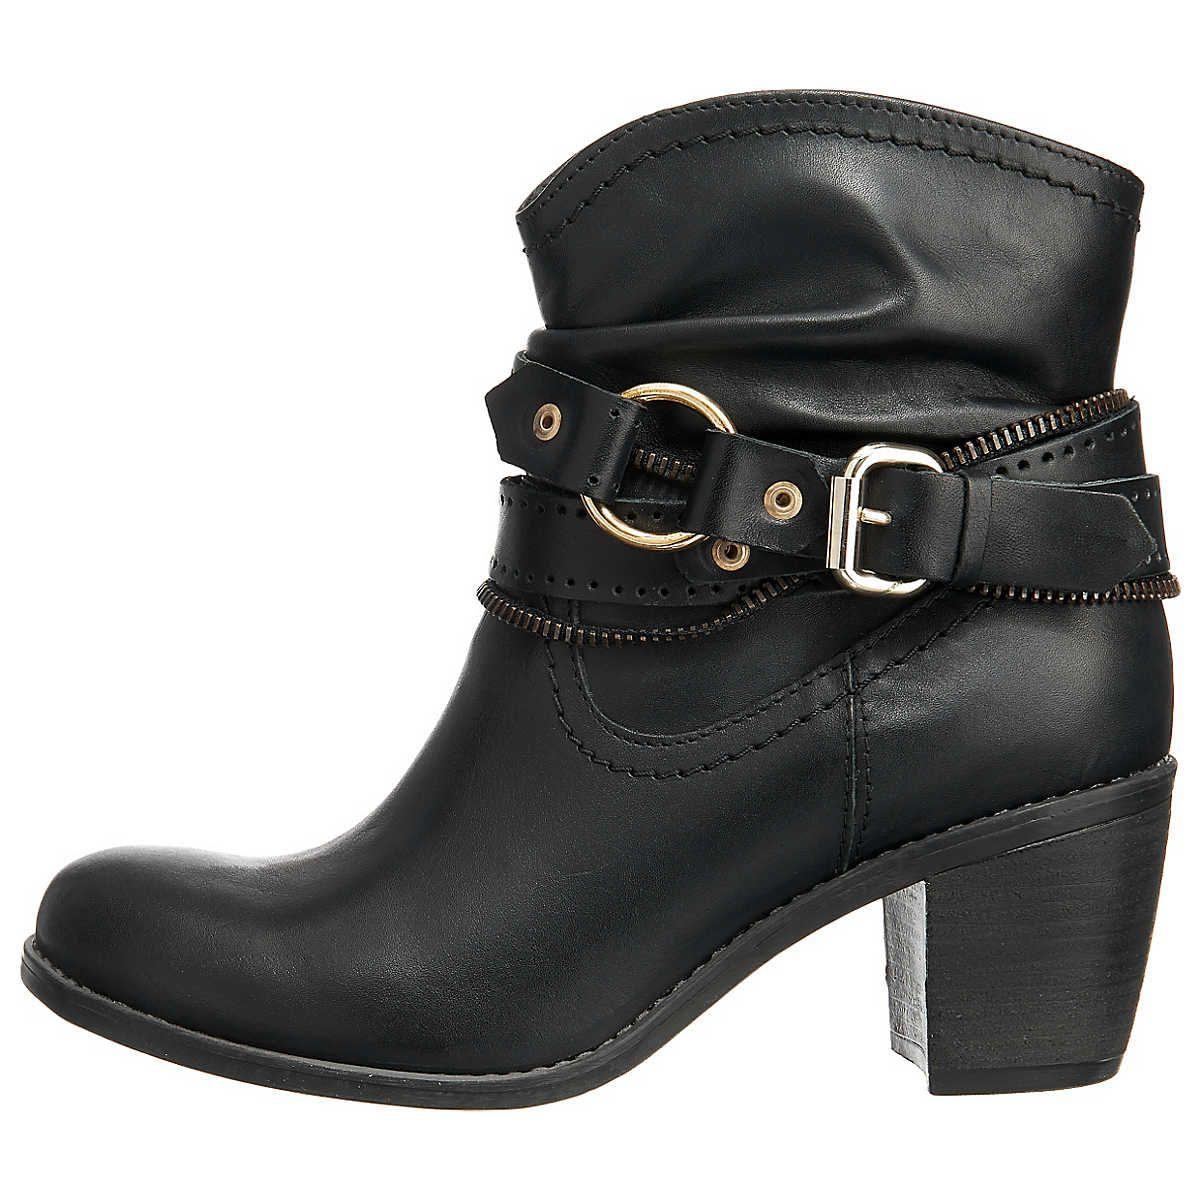 BULLBOXER Stiefeletten | Schuhe damen, Damenschuhe und